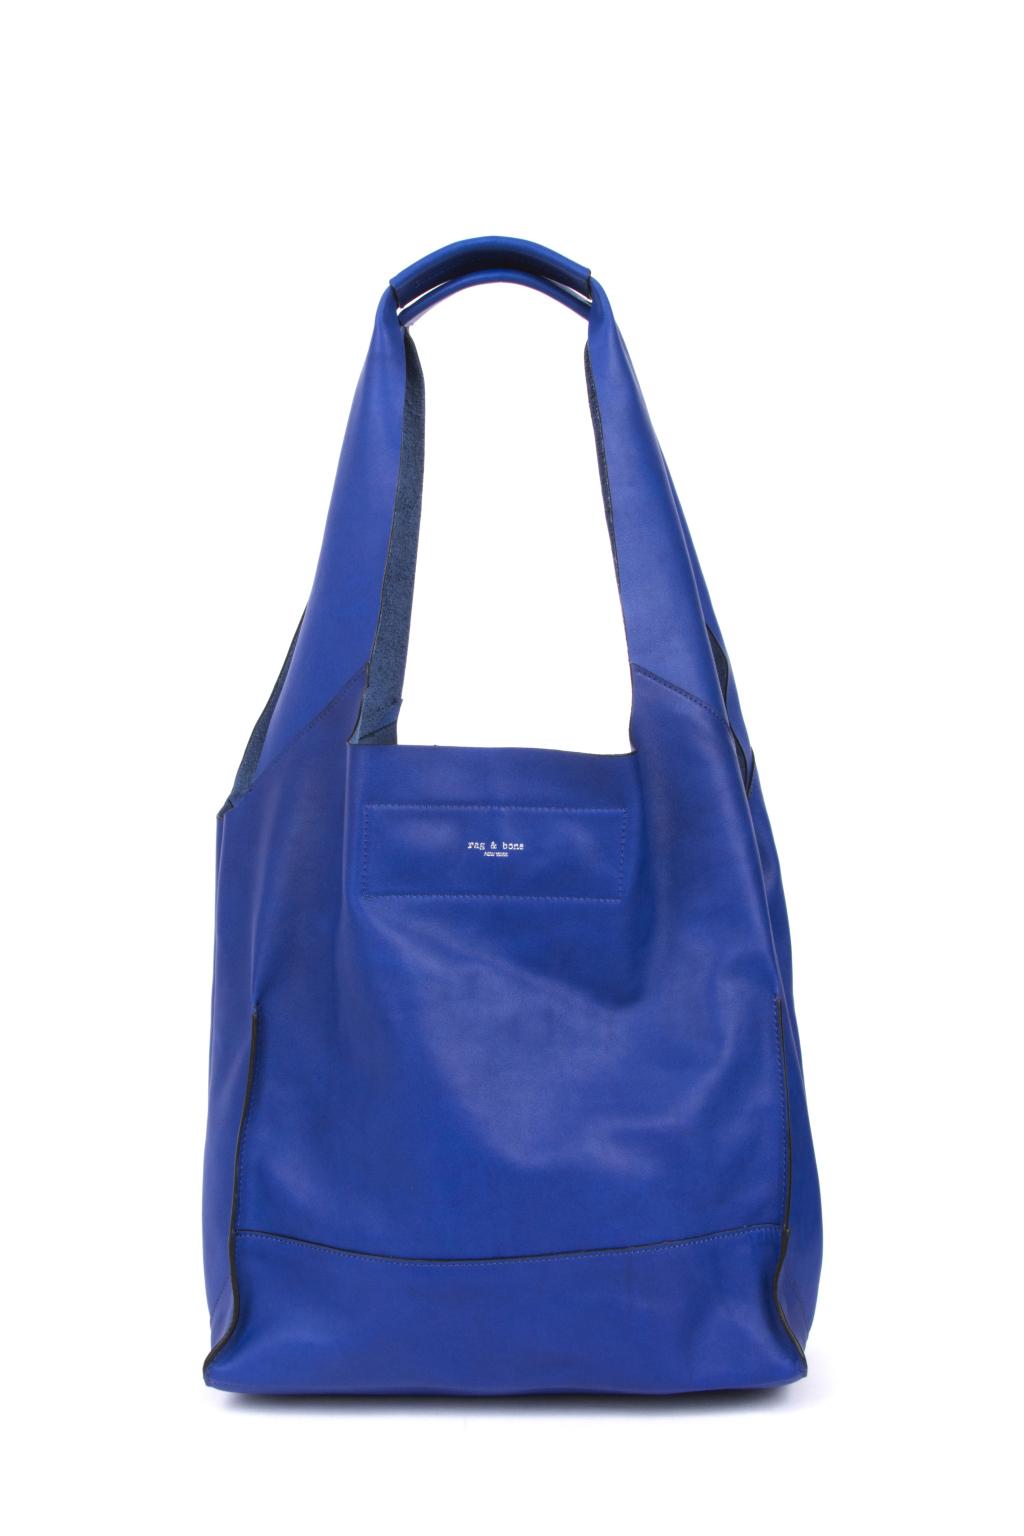 Большие сумки: модные тренды - сумка прямоугольной формы из коллекции Rag and Bone.